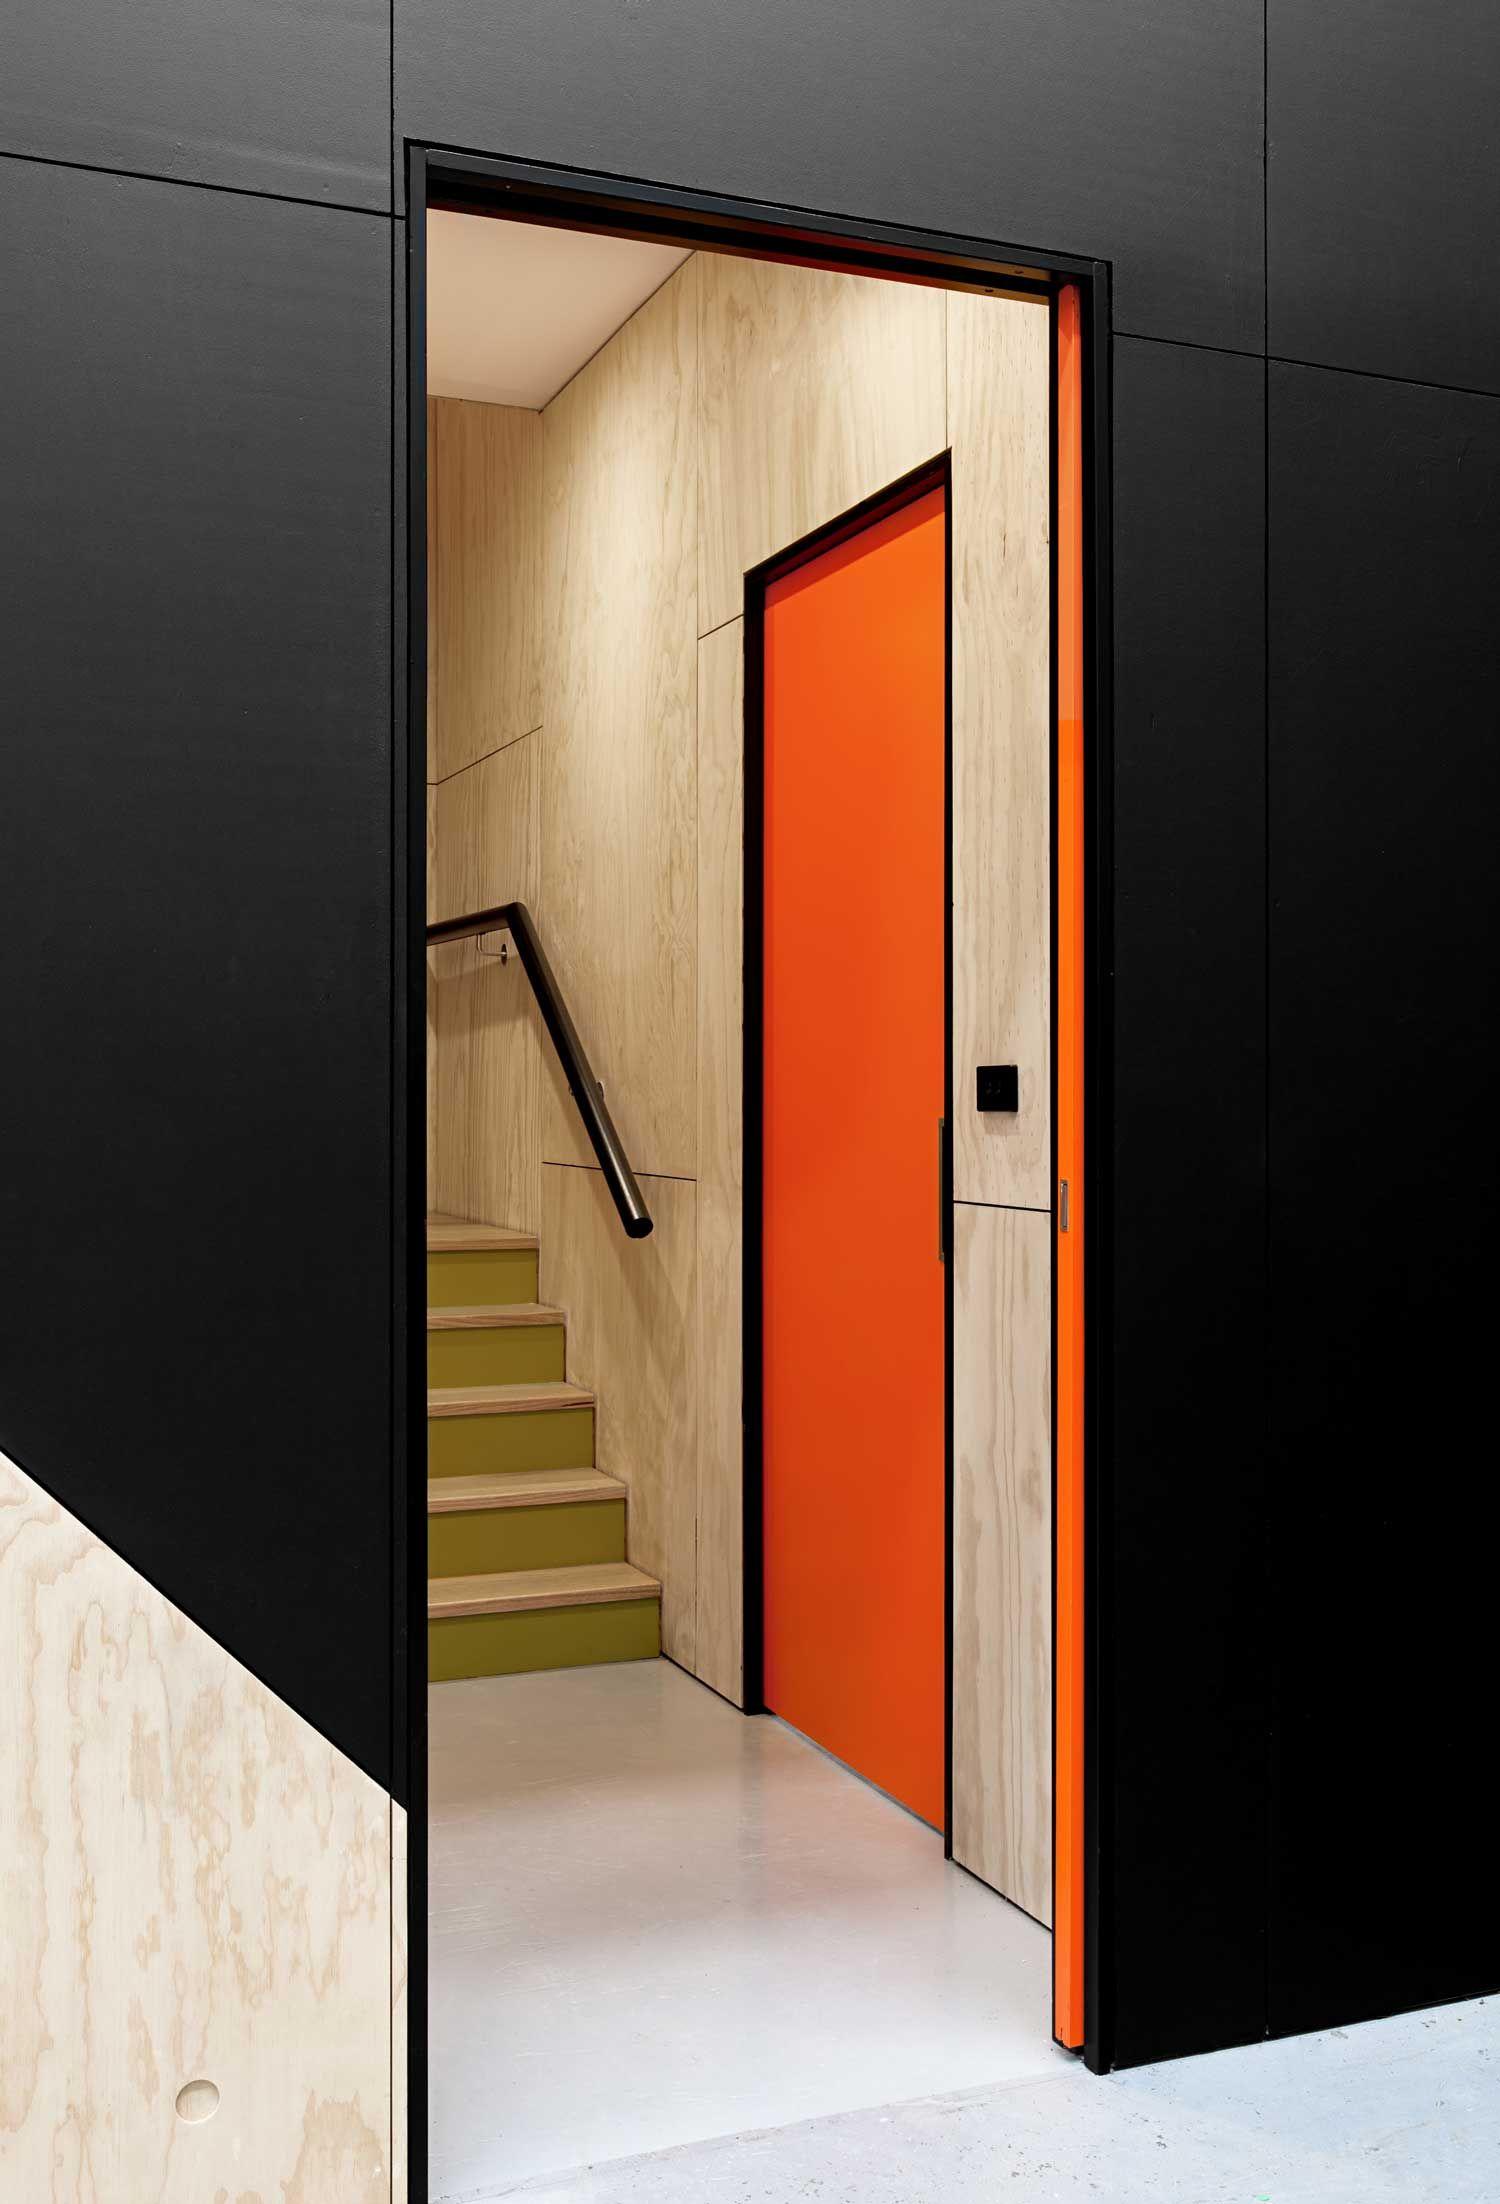 Idee Habillage Mur Interieur idées déco ] habiller ses murs de bois | décoration